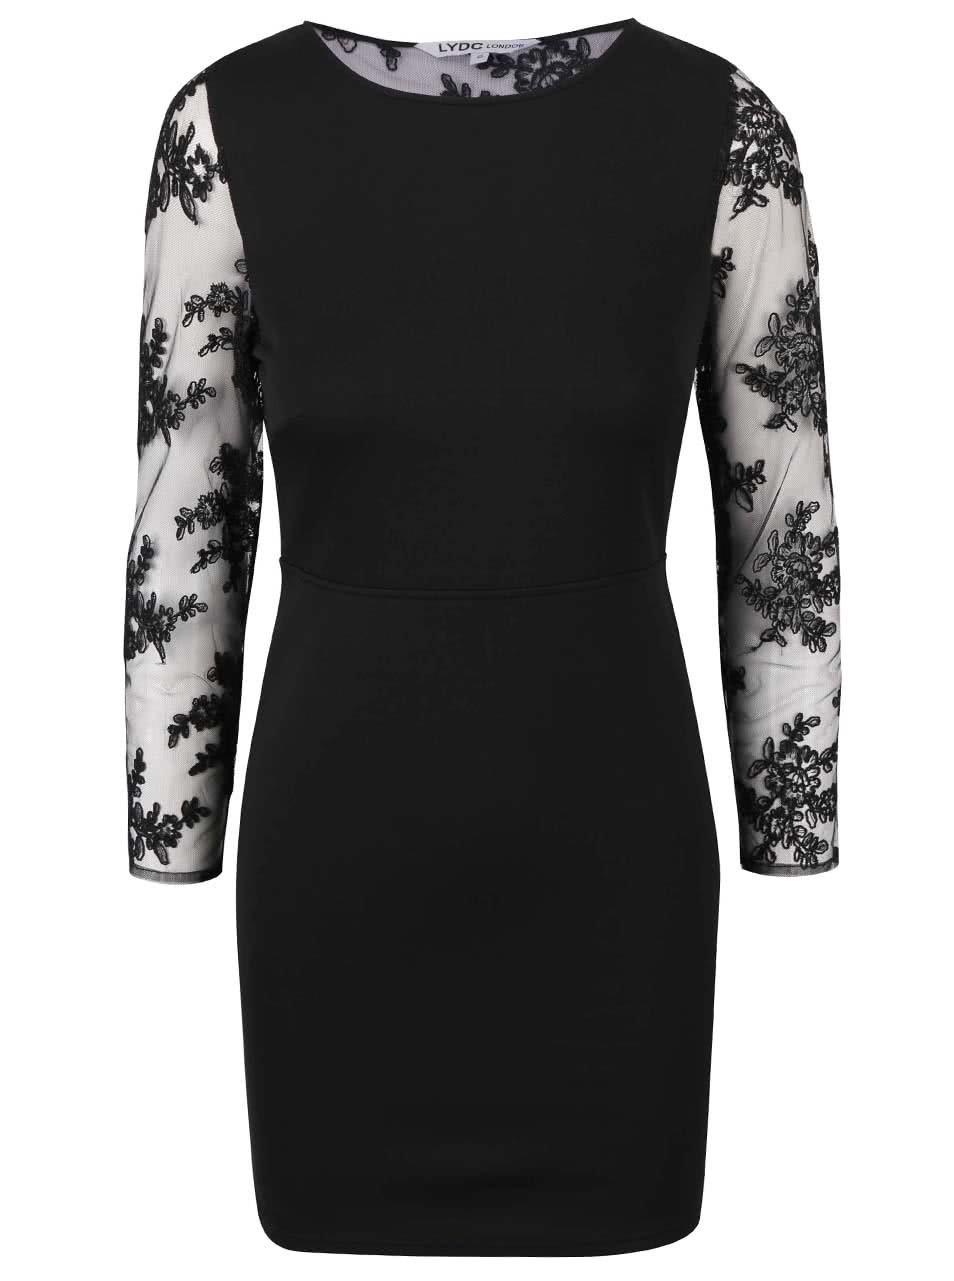 Černé šaty s krajkovými rukávy a zády LYDC